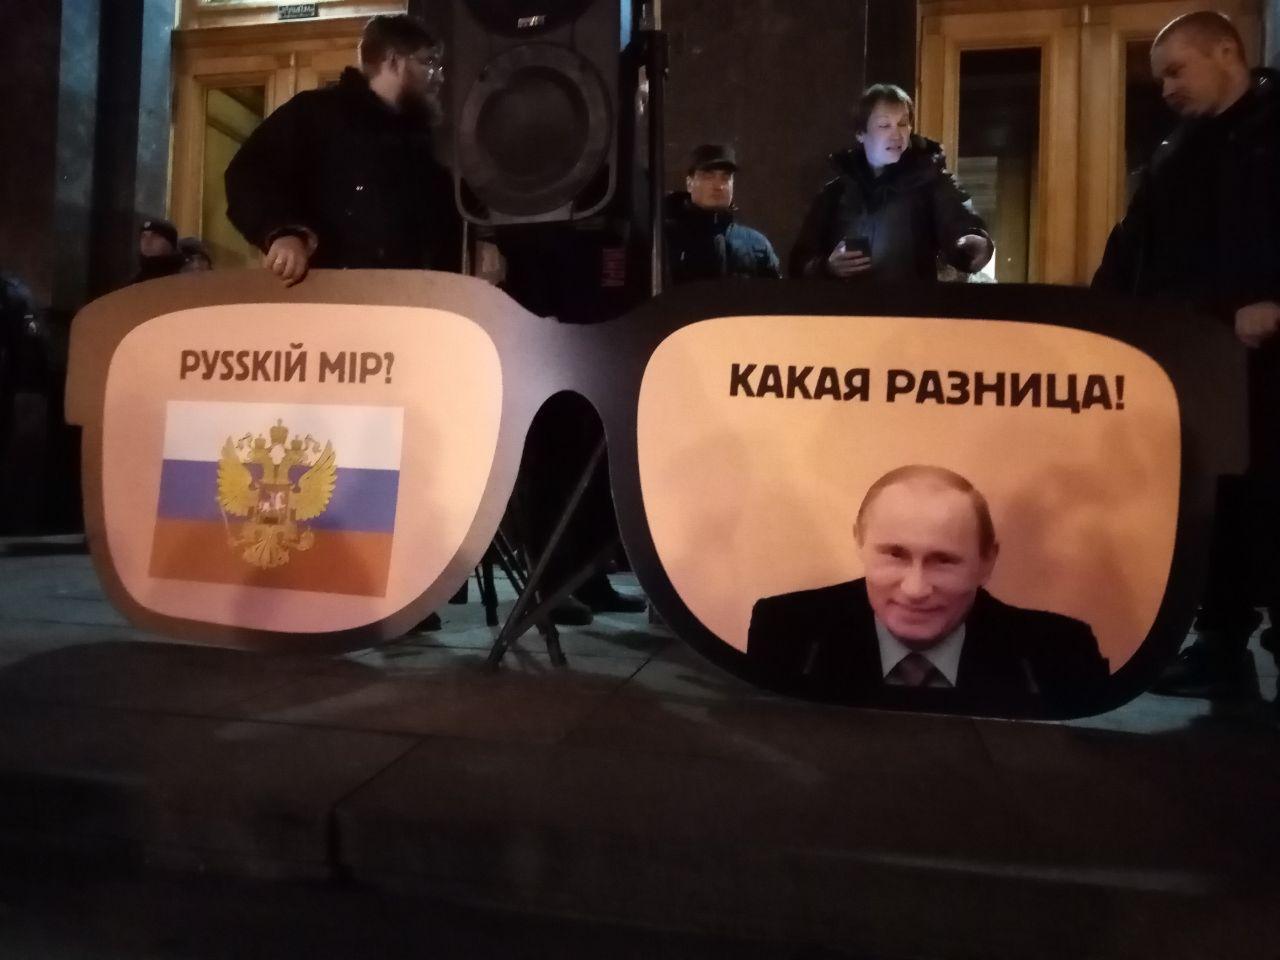 Активисты пришли под ОП на акцию по поводу годовщины начала войны с РФ